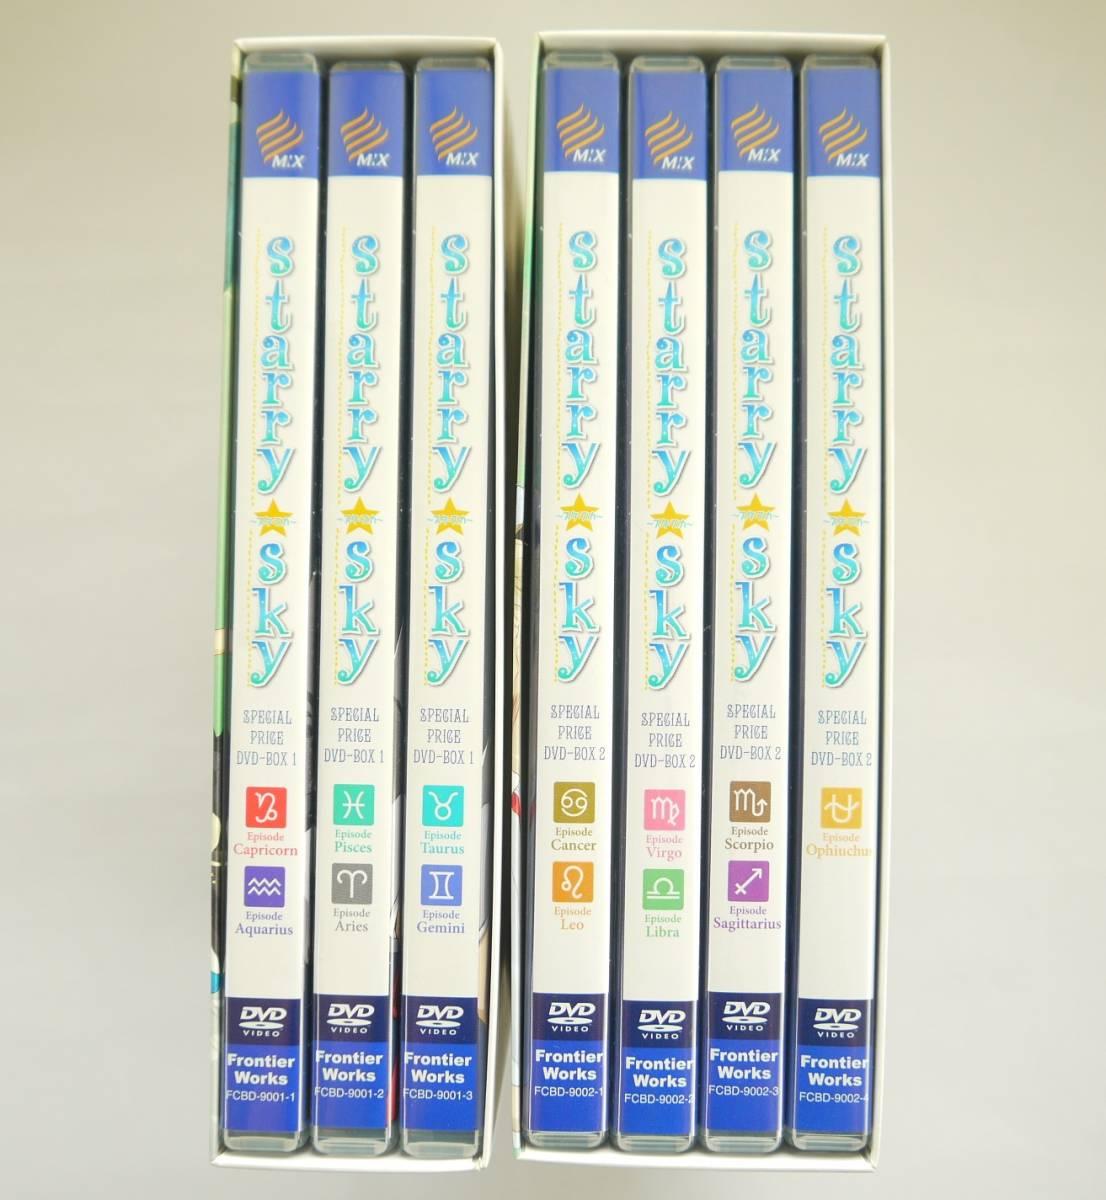 DVD-BOX/全巻セット/Starry☆Sky スペシャルプライスDVD-BOX/1/2/z476